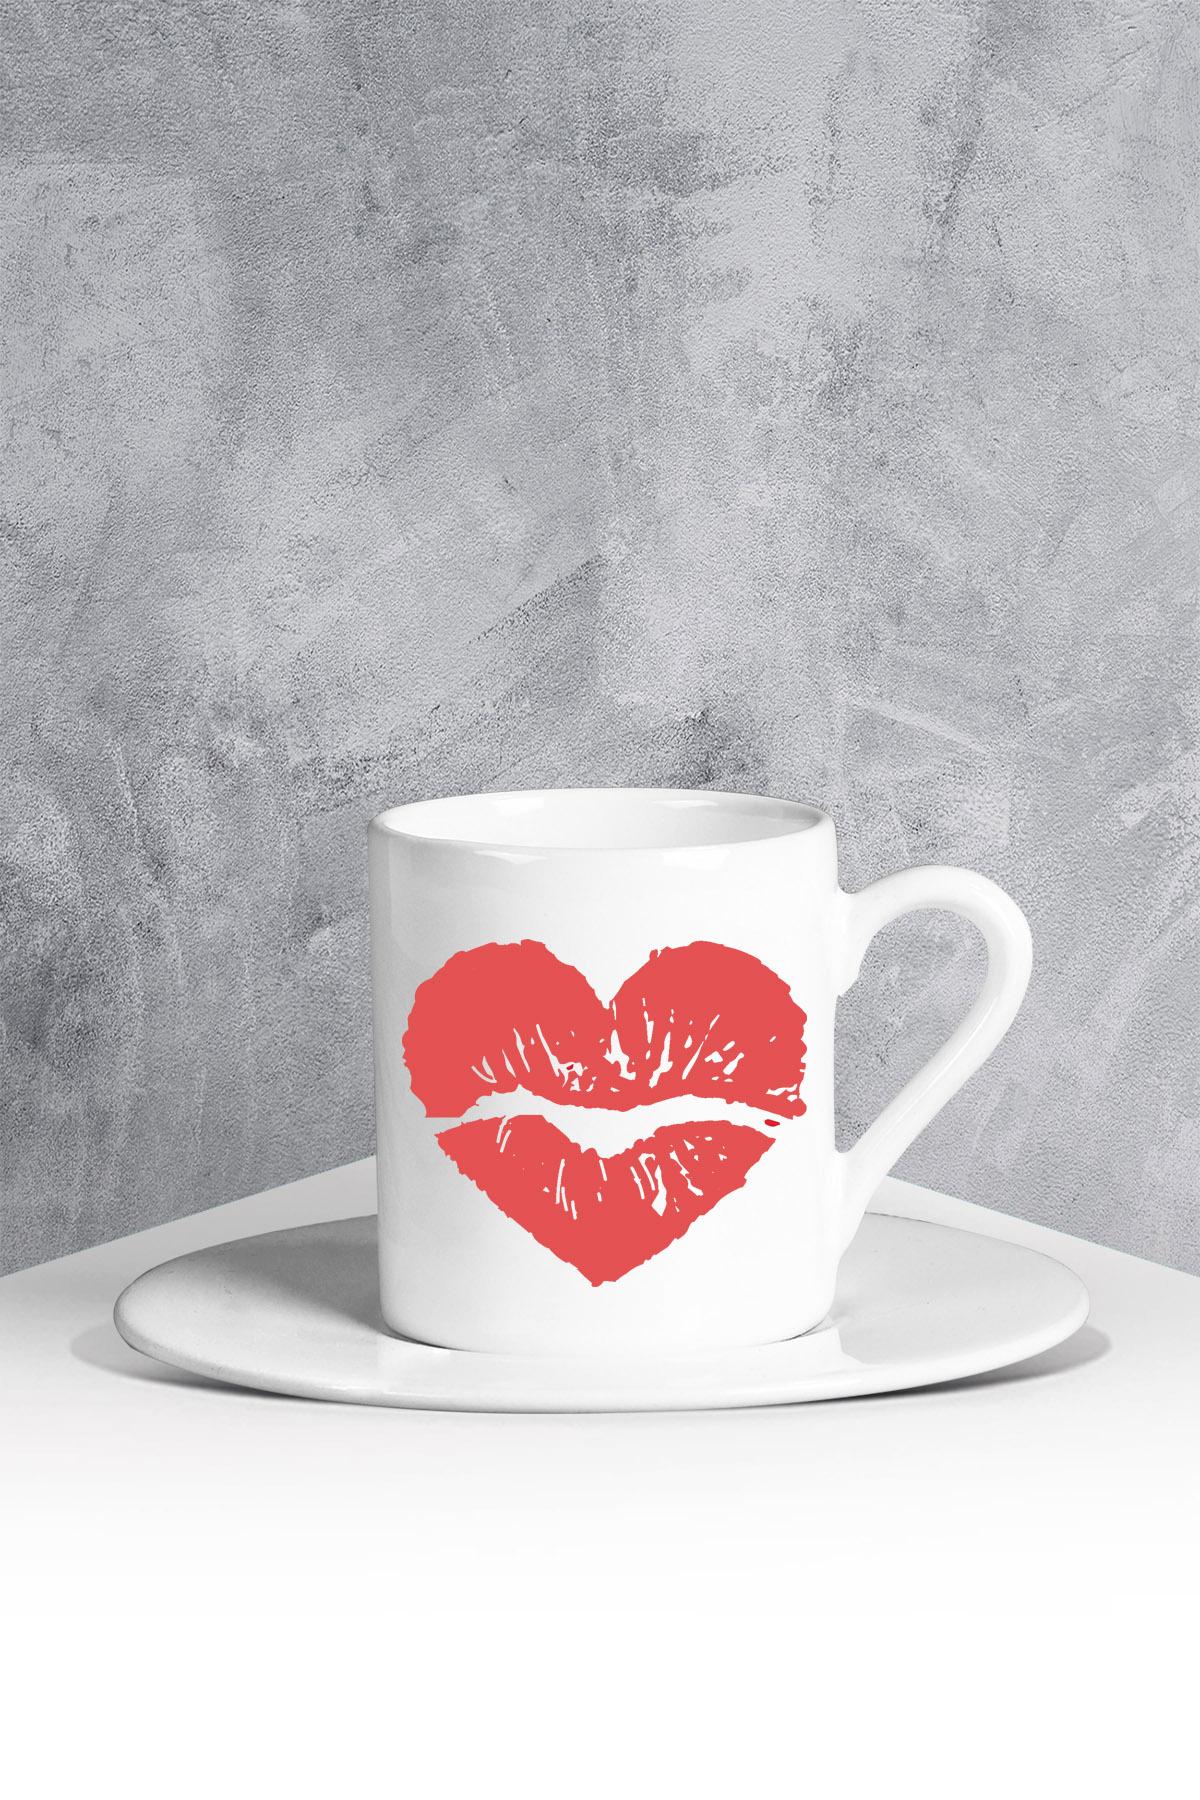 كوب قهوة أبيض بطبعة قلب